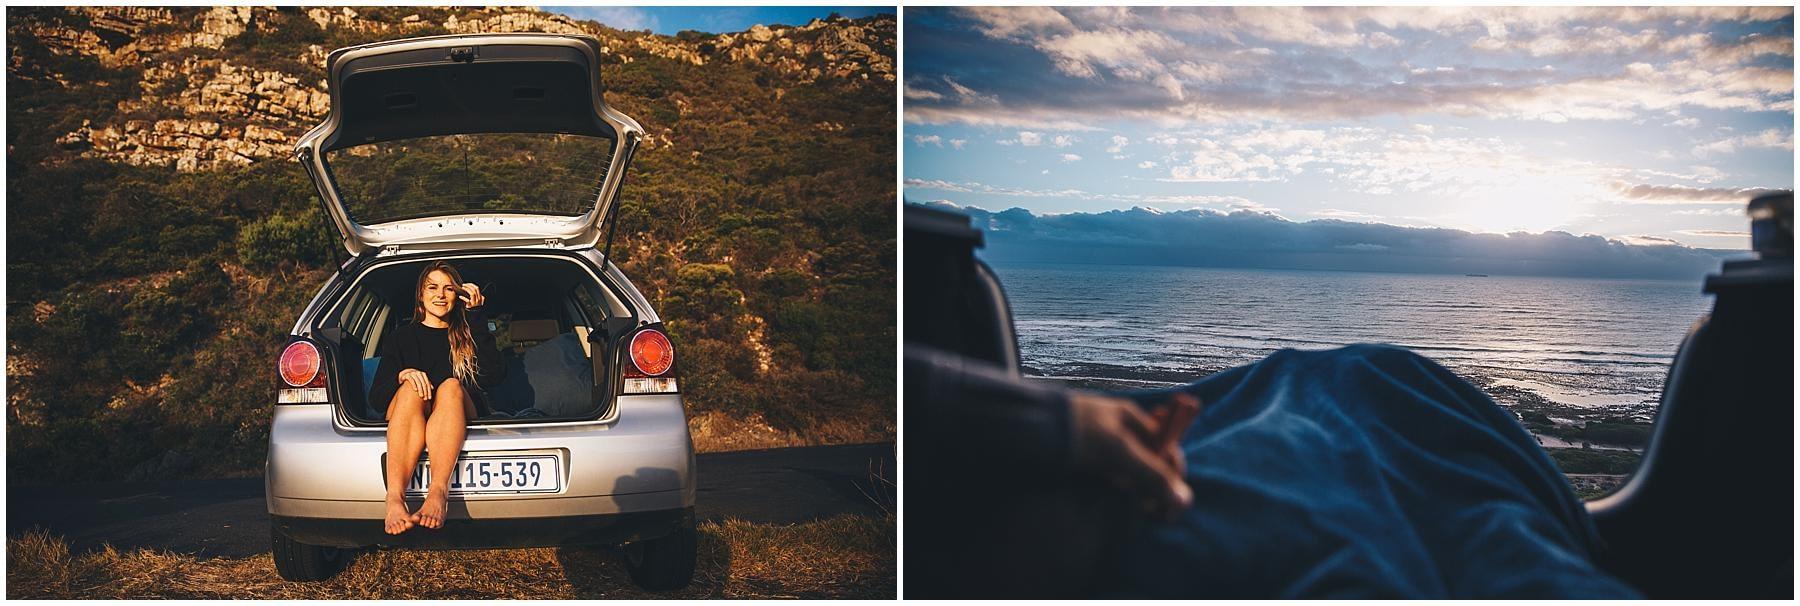 Cape Town_Kommertjie_0040.jpg